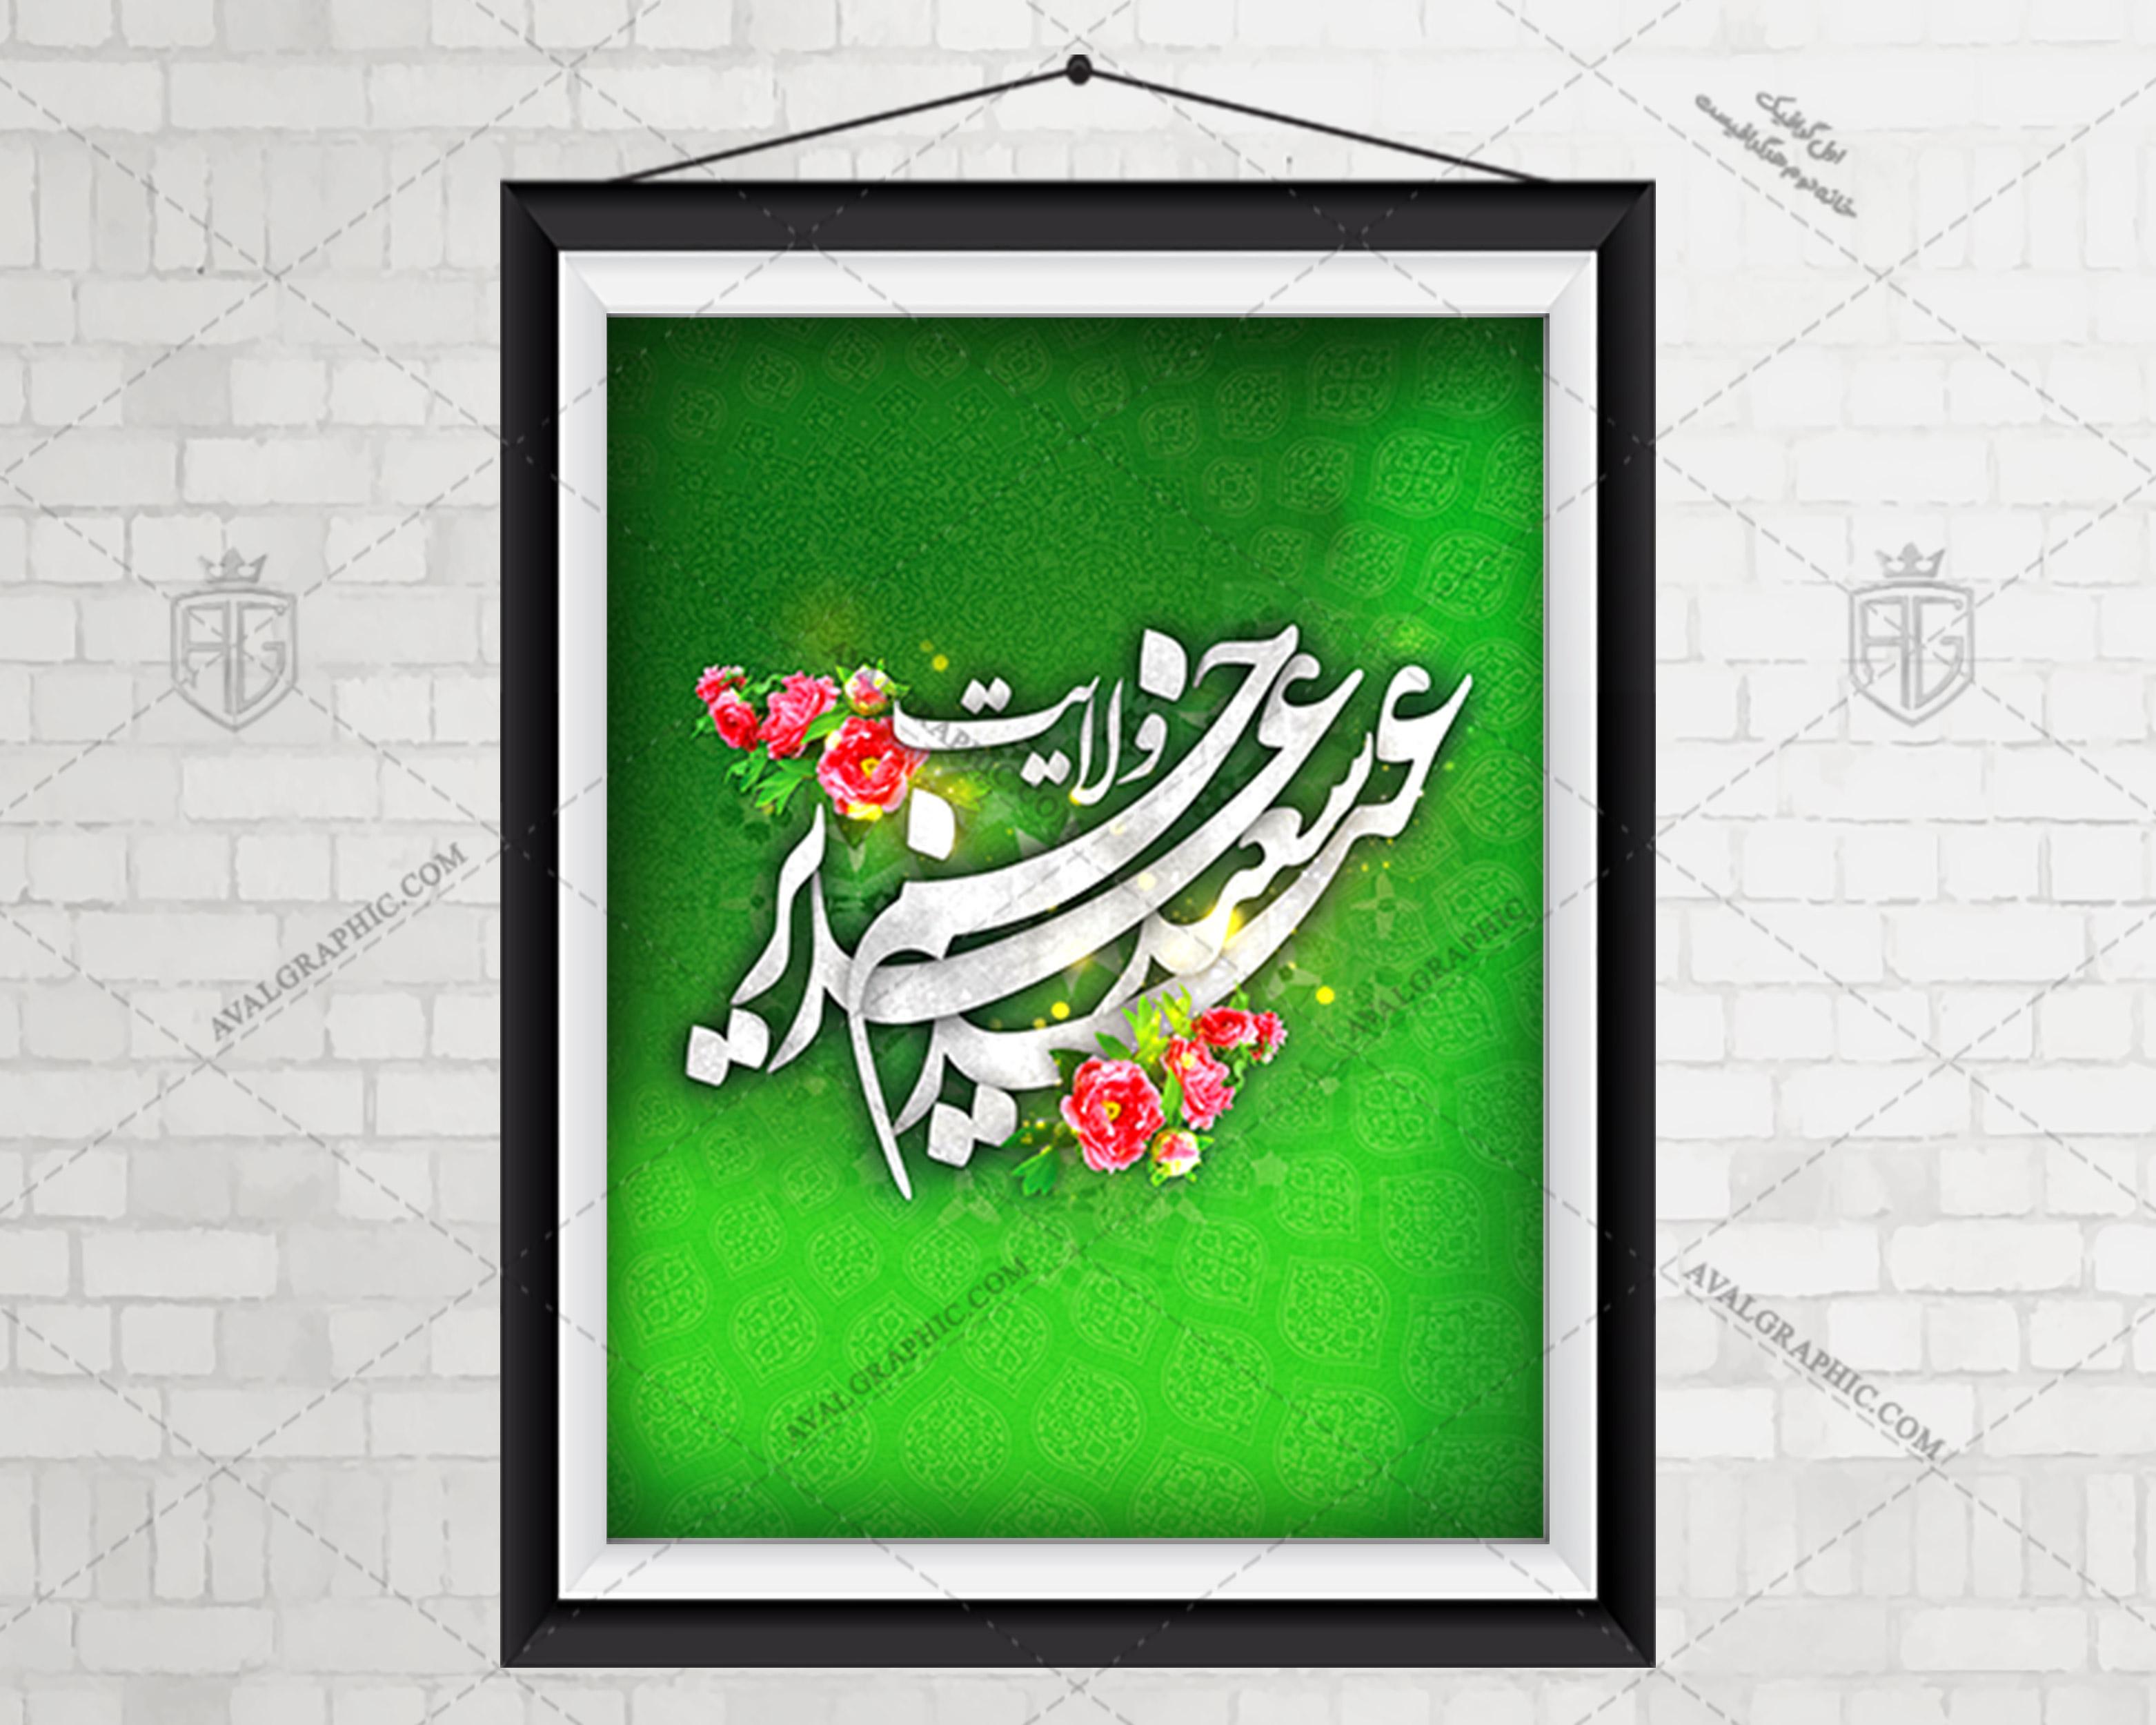 نمونه تایپوگرافی عید غدیر